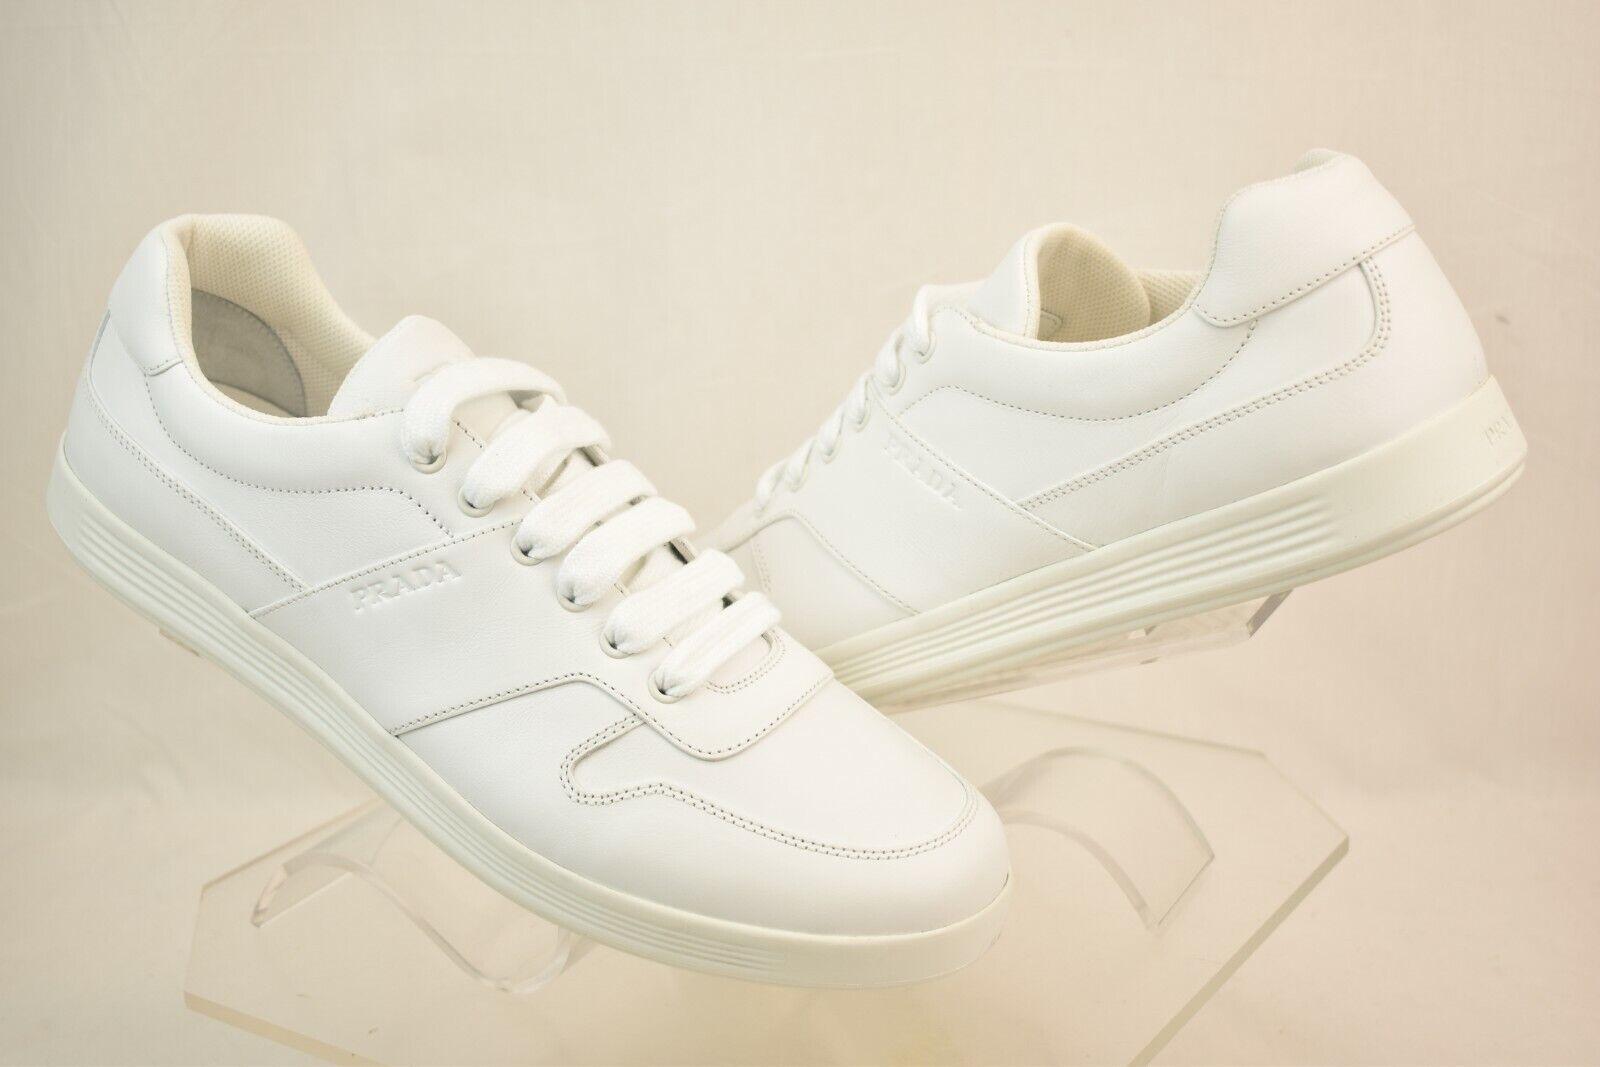 Nuevo En Caja PRADA hombre Cuero blancoo Con Cordones Logotipo LOW TOP zapatillas 11.5 US 12.5